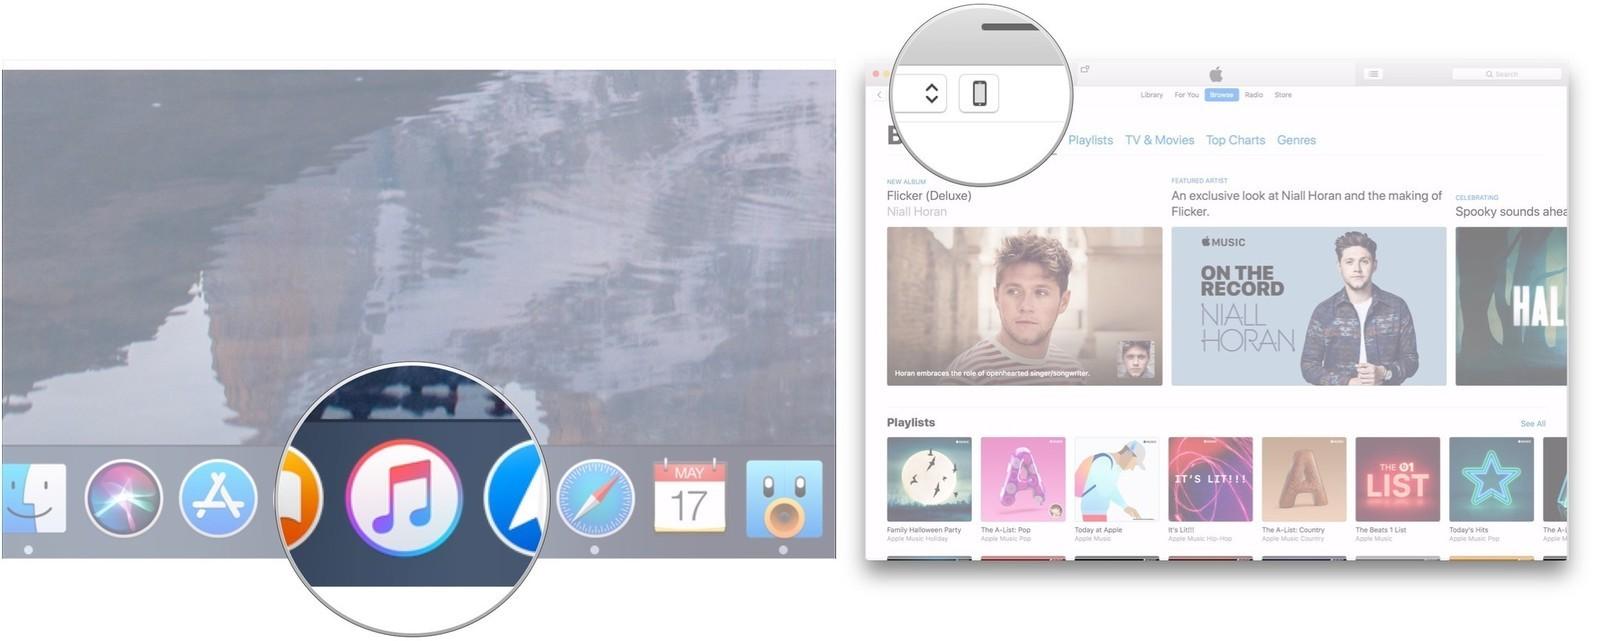 Как узнать серийный номер, IMEI и UDID вашего iPhone или iPad - в iTunes